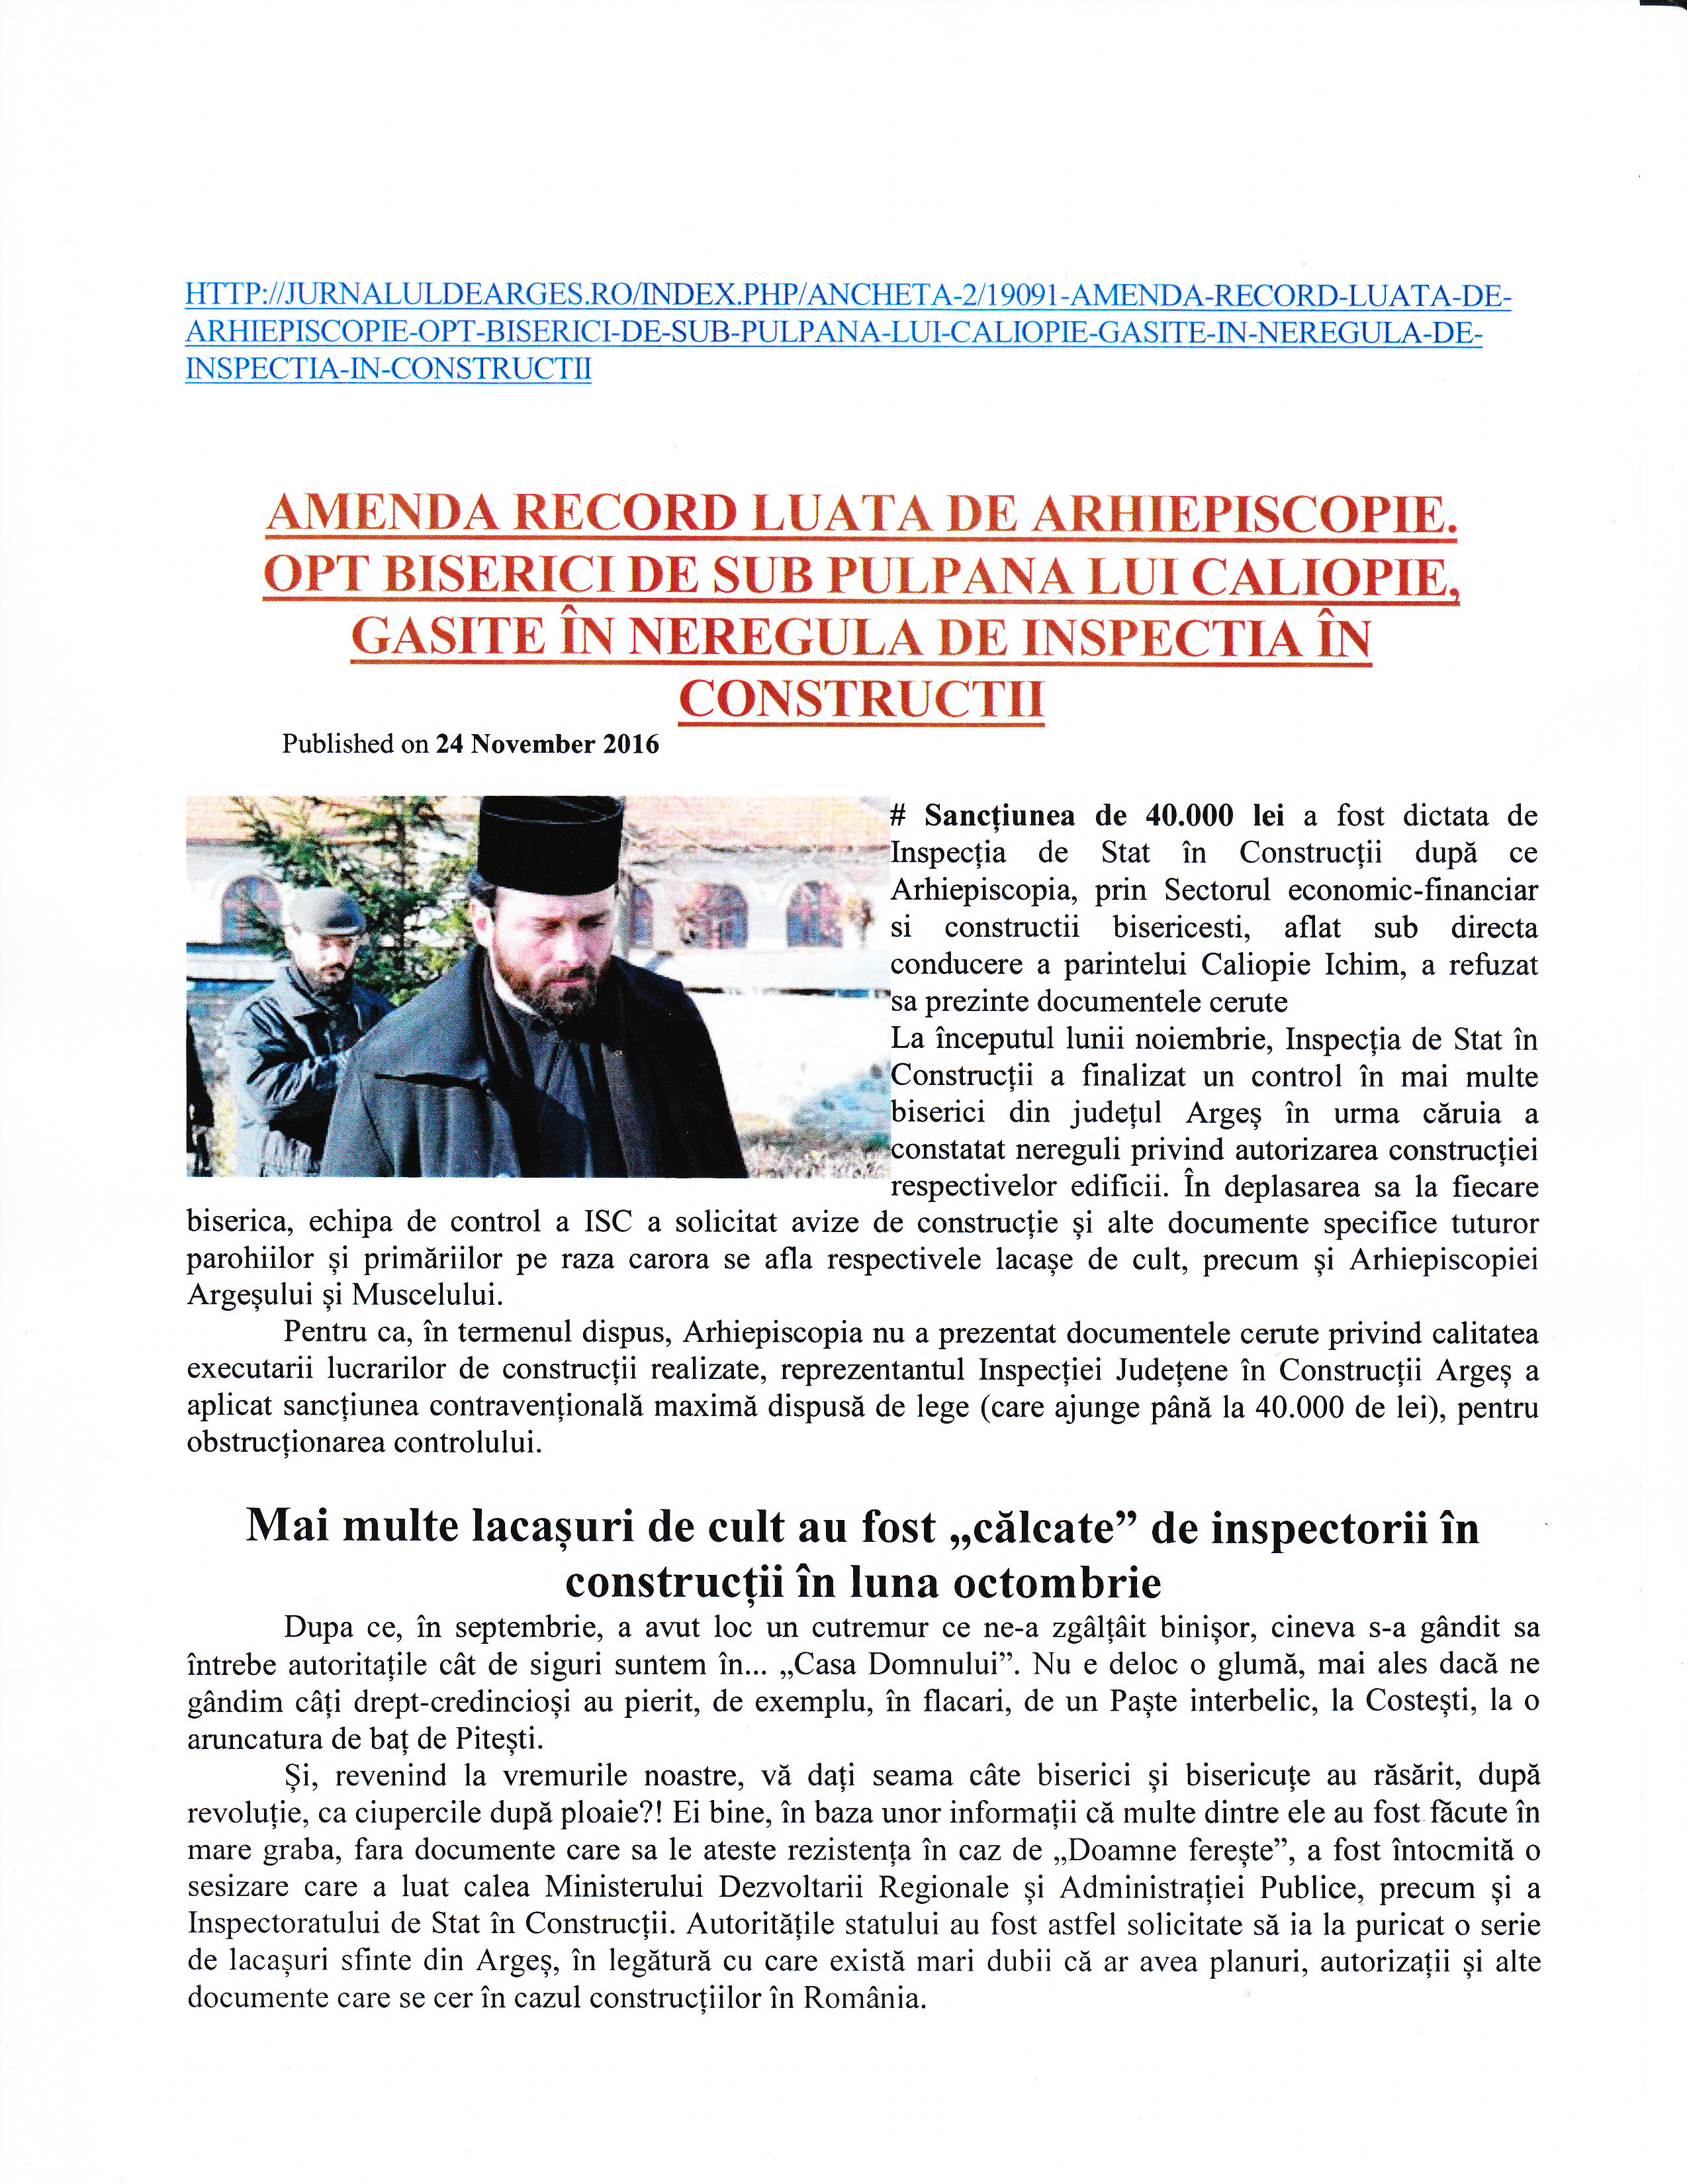 """Articolul """"Amendă record luată de Arhiepiscopie. Opt biserici de sub pulpana lui Caliopie, găsite în neregulă de Inspecția în Construcții (""""Jurnalul de Argeș"""")."""